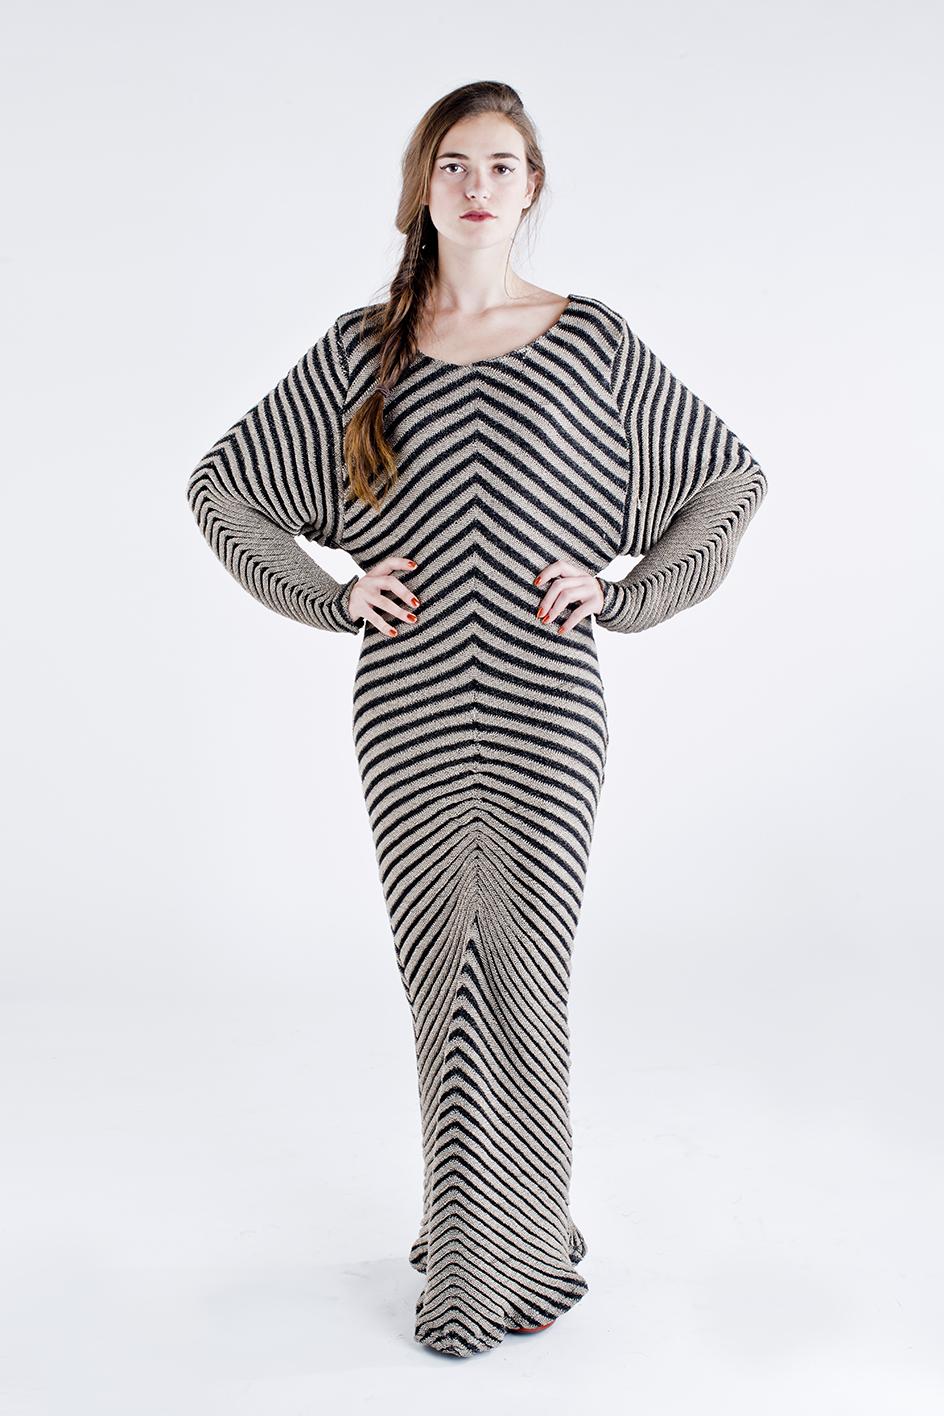 highline_dress_009_DSC6392.jpg